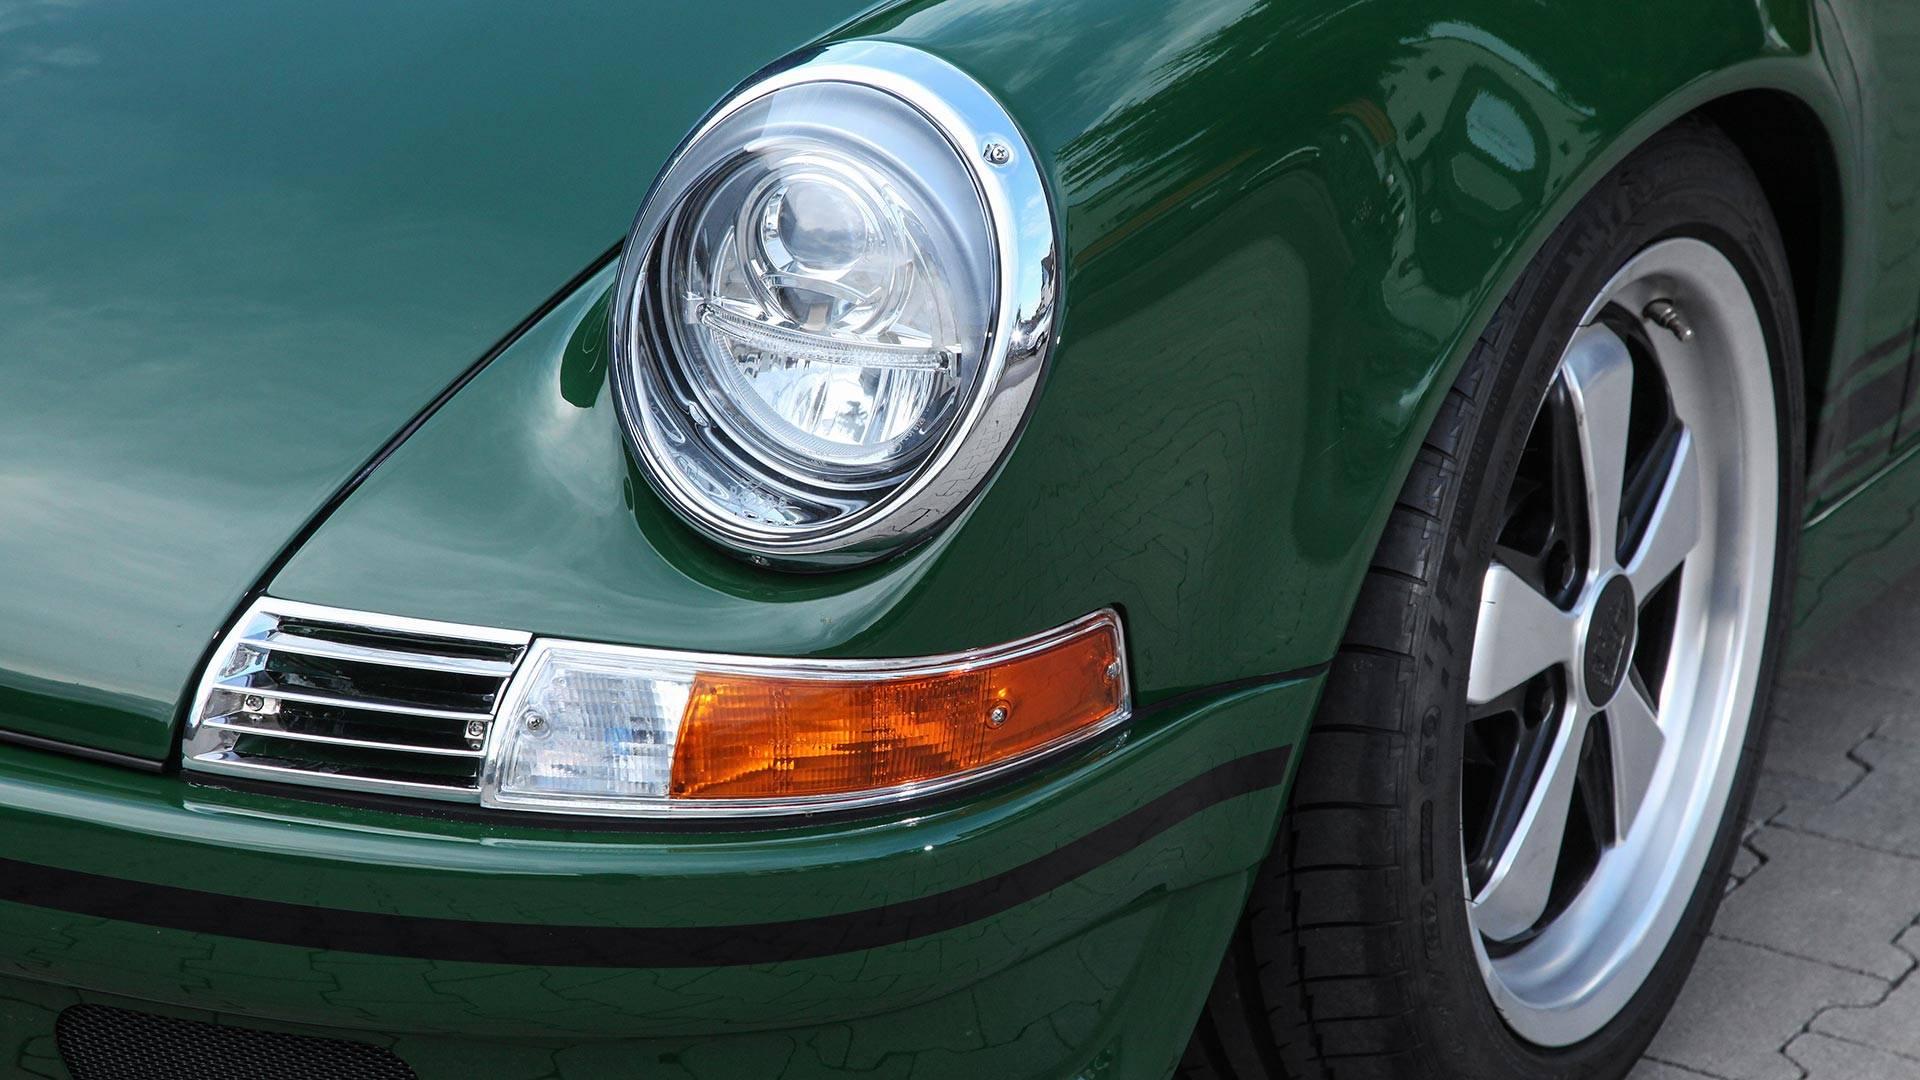 dp-motorsport-porsche-911-964 (4)